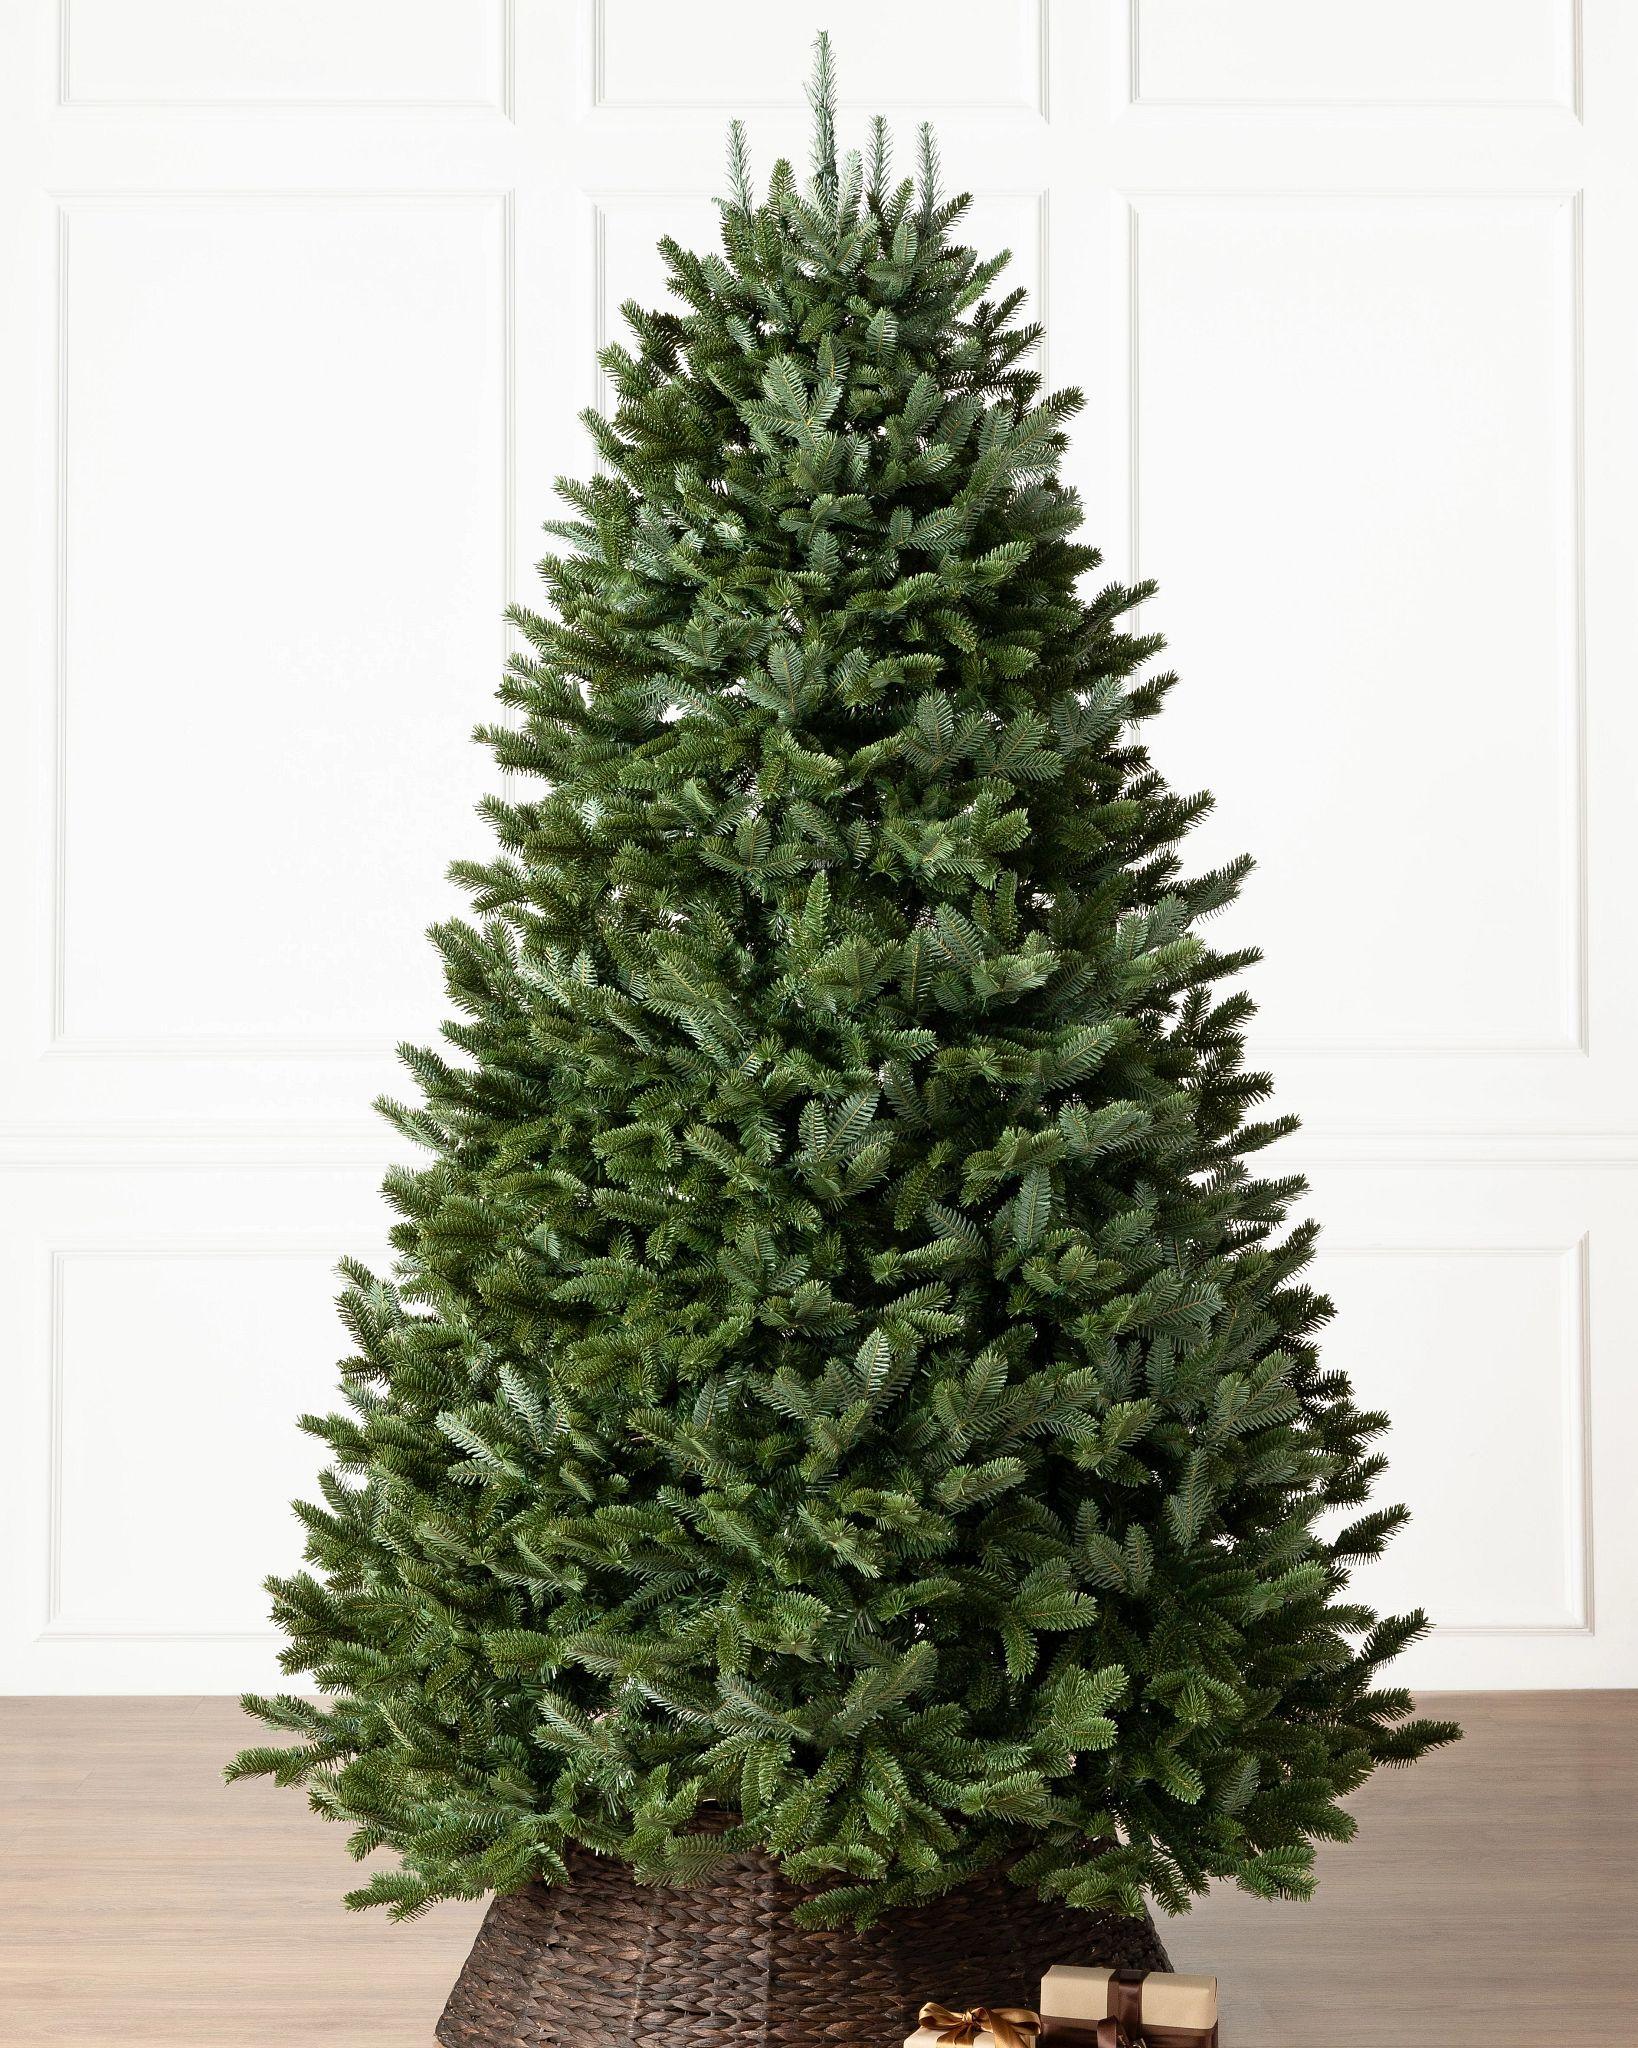 Bh Fraser Fir Artificial Christmas Trees Balsam Hill In 2020 Realistic Artificial Christmas Trees Christmas Tree Sale Balsam Hill Christmas Tree